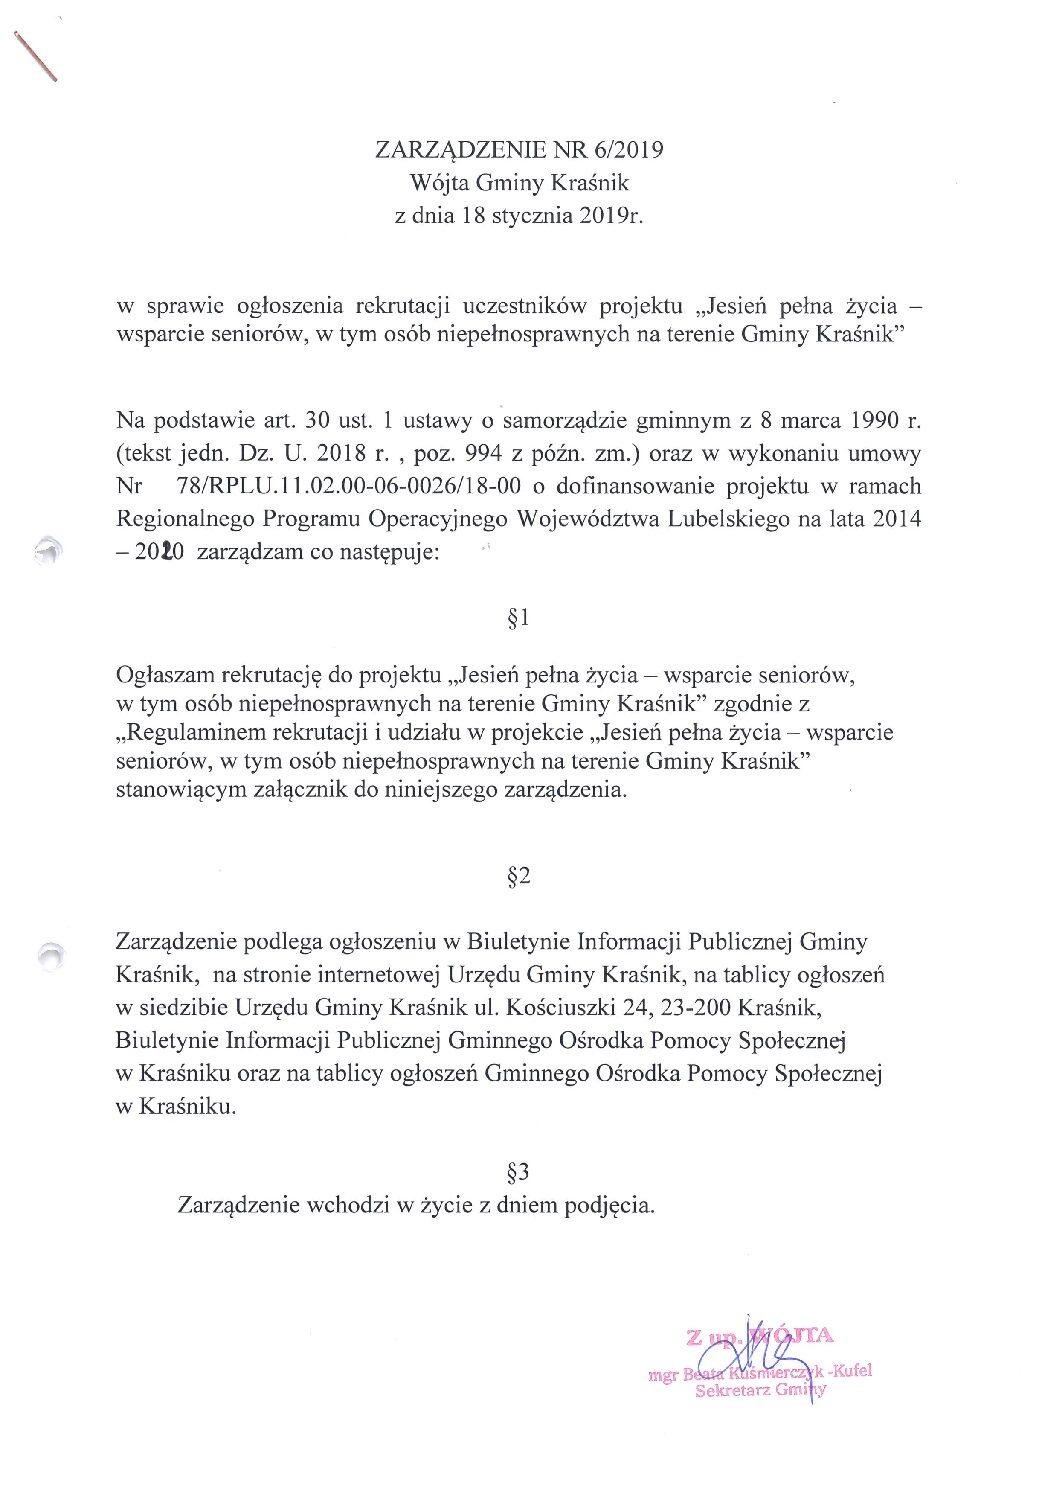 """Rekrutacja do projektu """"Jesień pełna życia – usługi społeczne dla osób starszych w Gminie Kraśnik"""""""